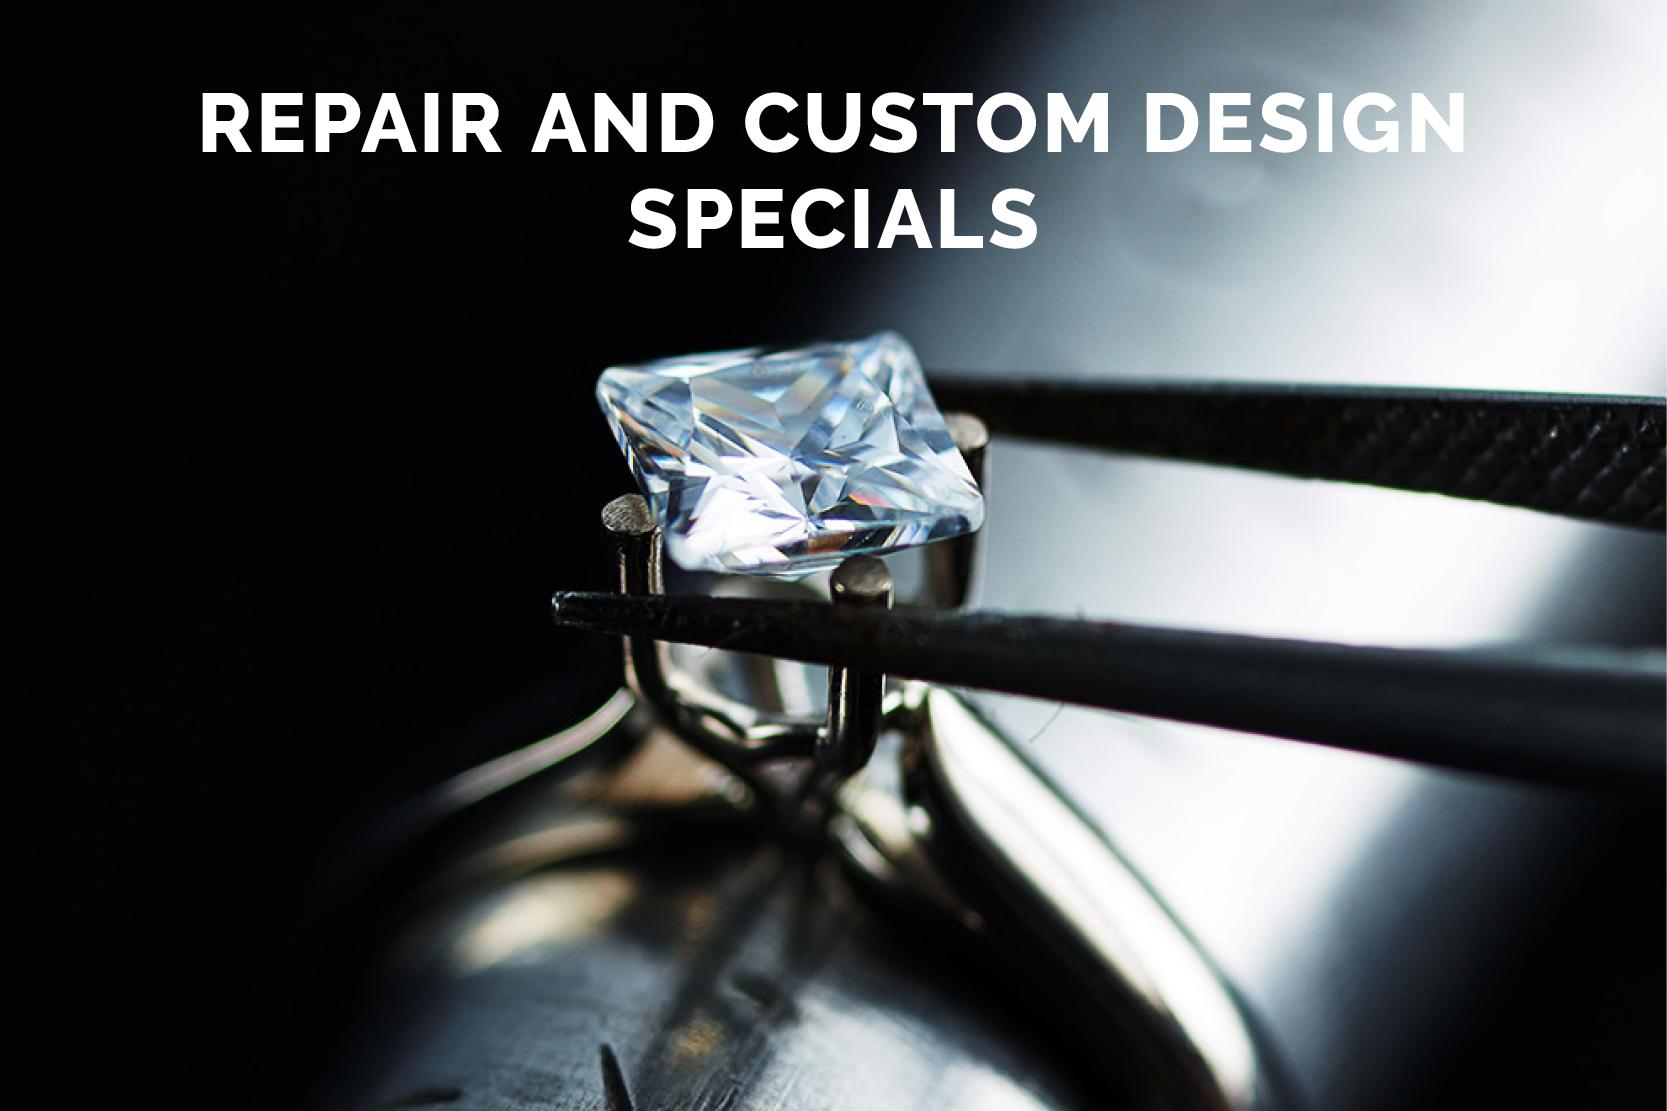 Repair and Custom Design Month